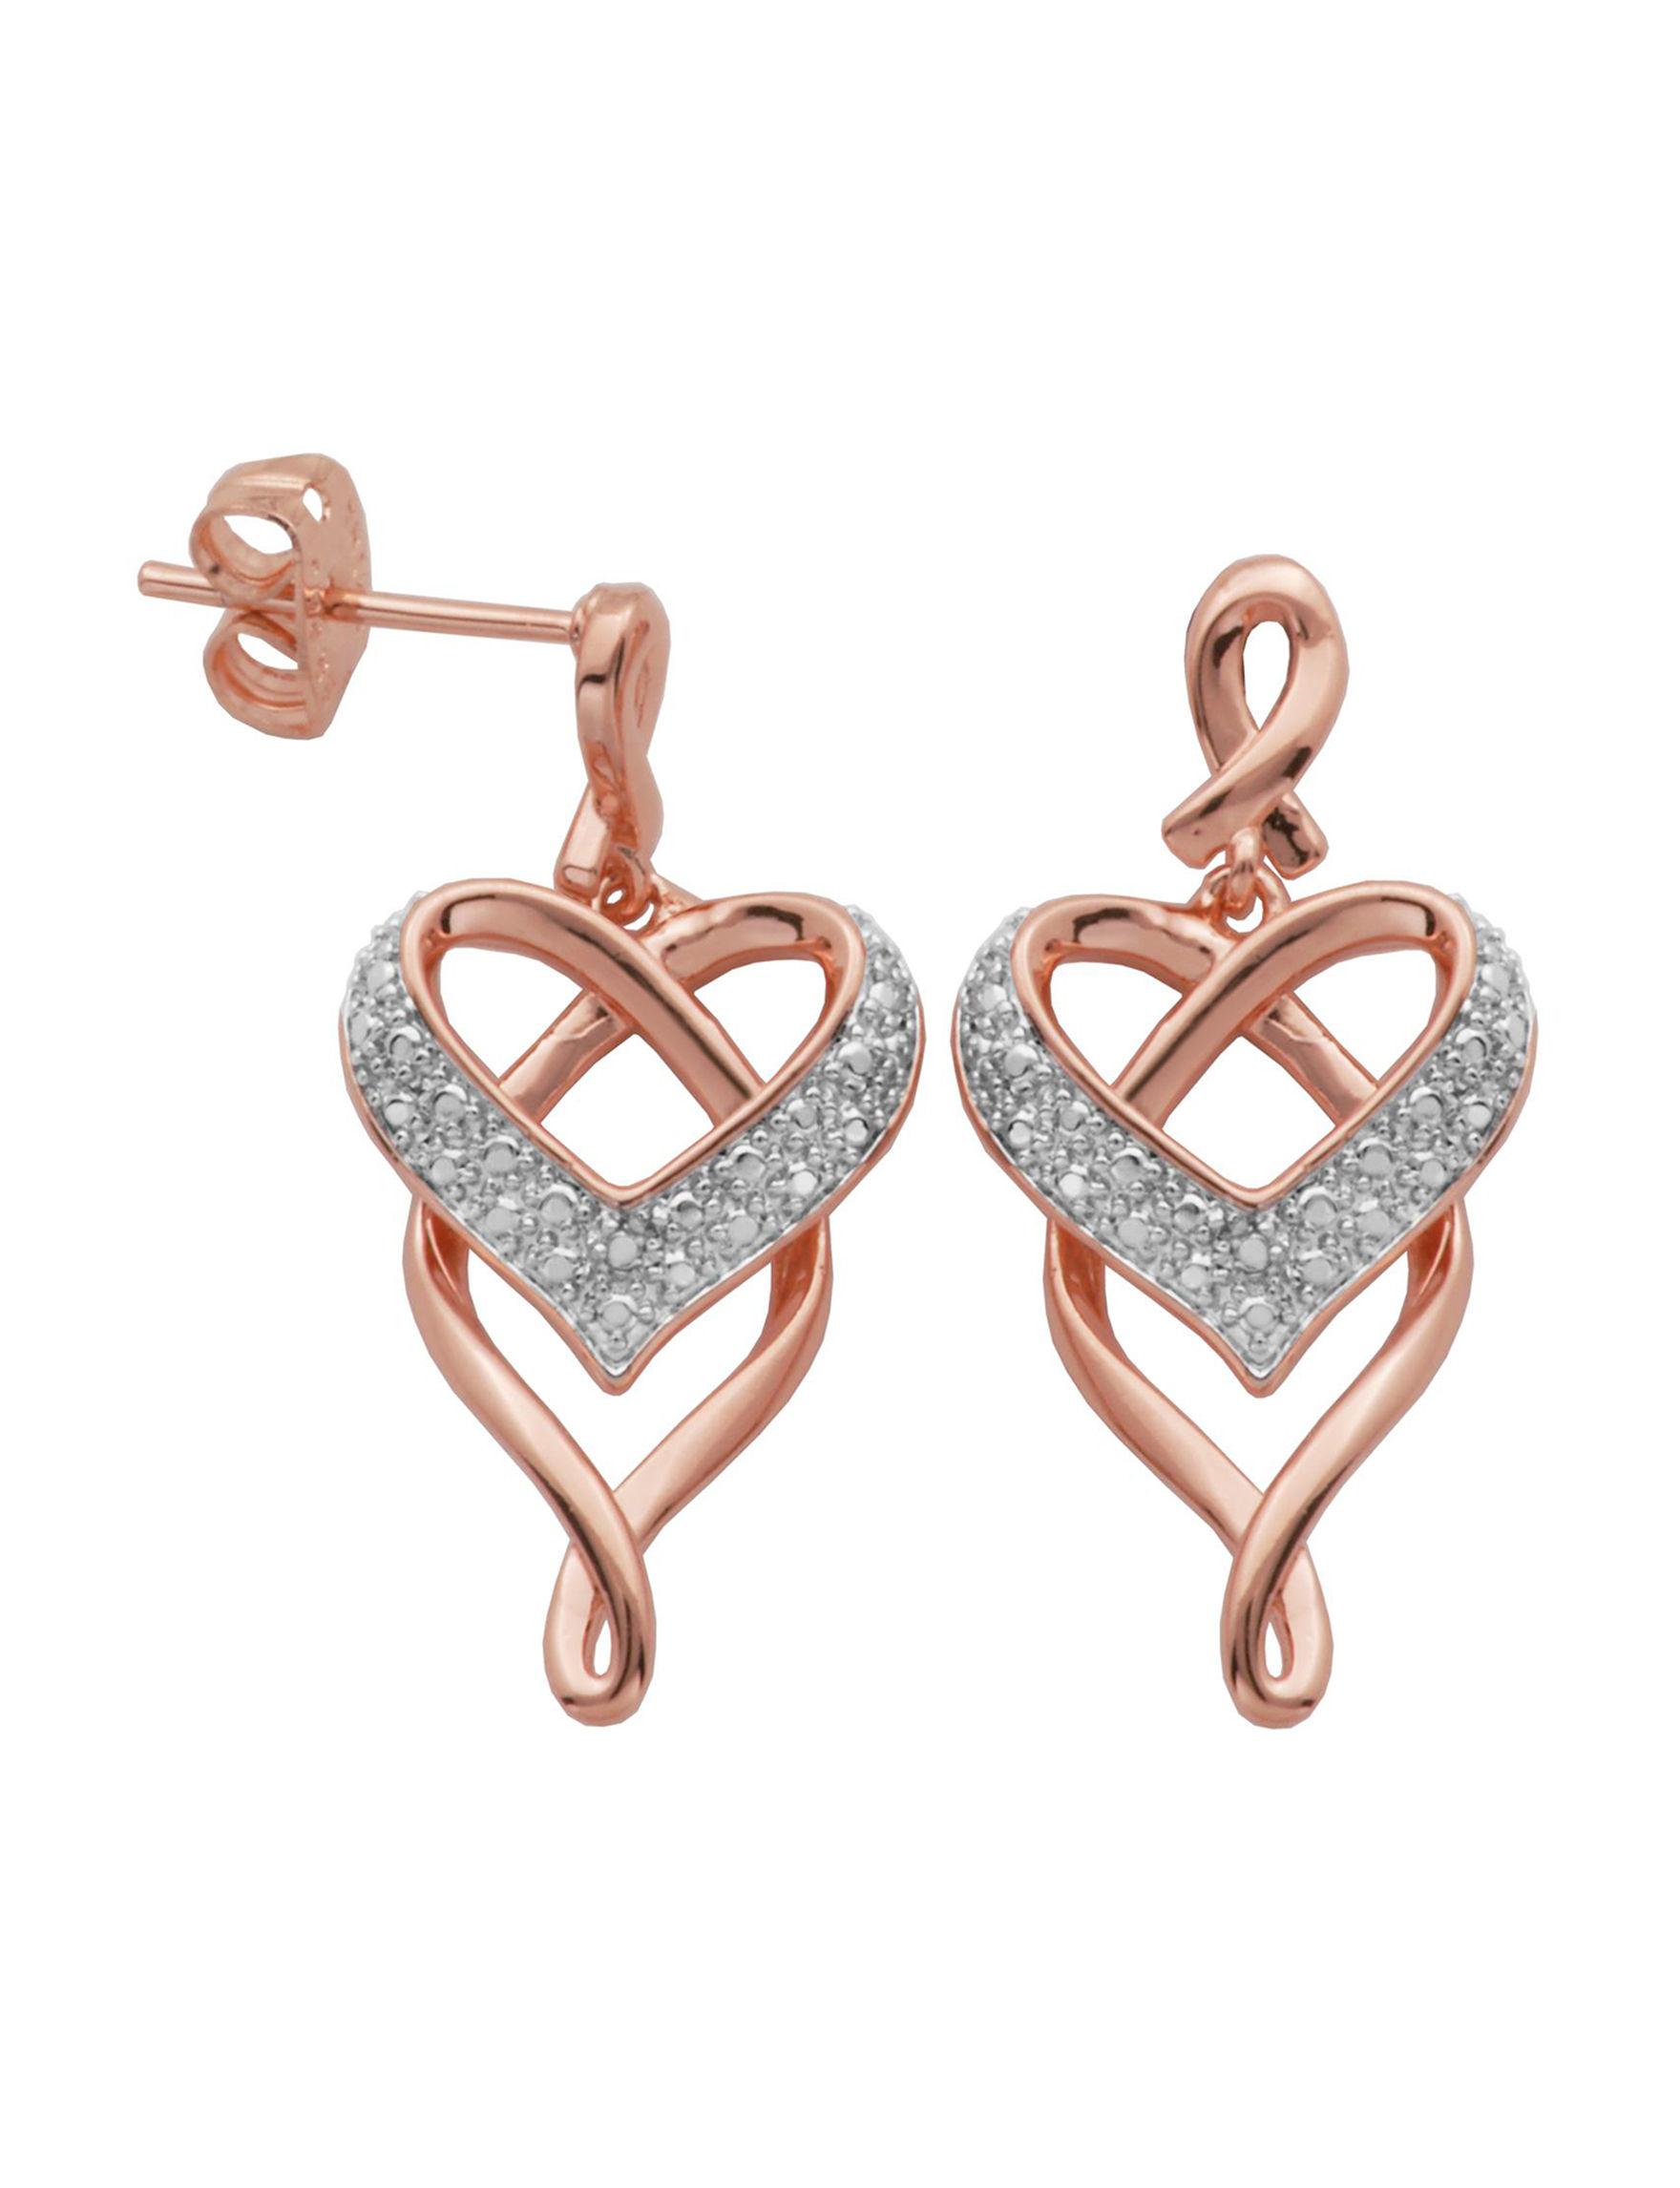 PAJ INC. Diamonds Earrings Fine Jewelry